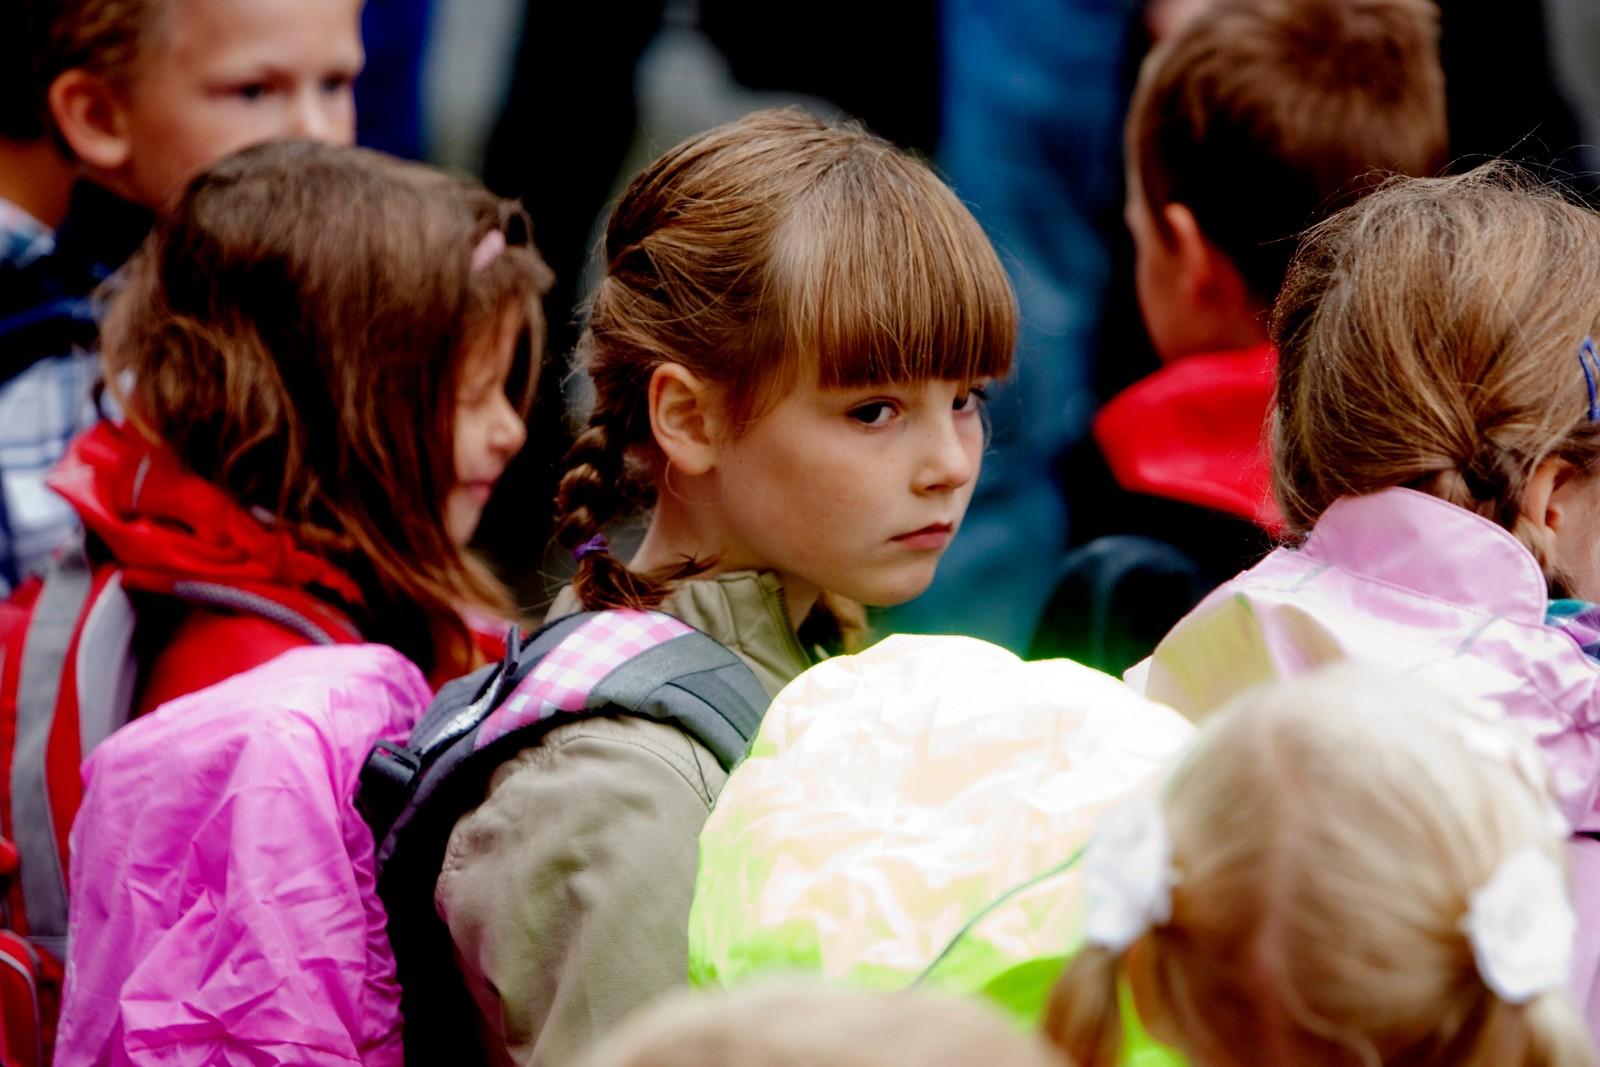 SKULEJENTE: 19. august 2010 blir arveprinsessa skulejente. Ho går dei fem fyrste åra på barnetrinnet på Jansløkka skole i Asker.